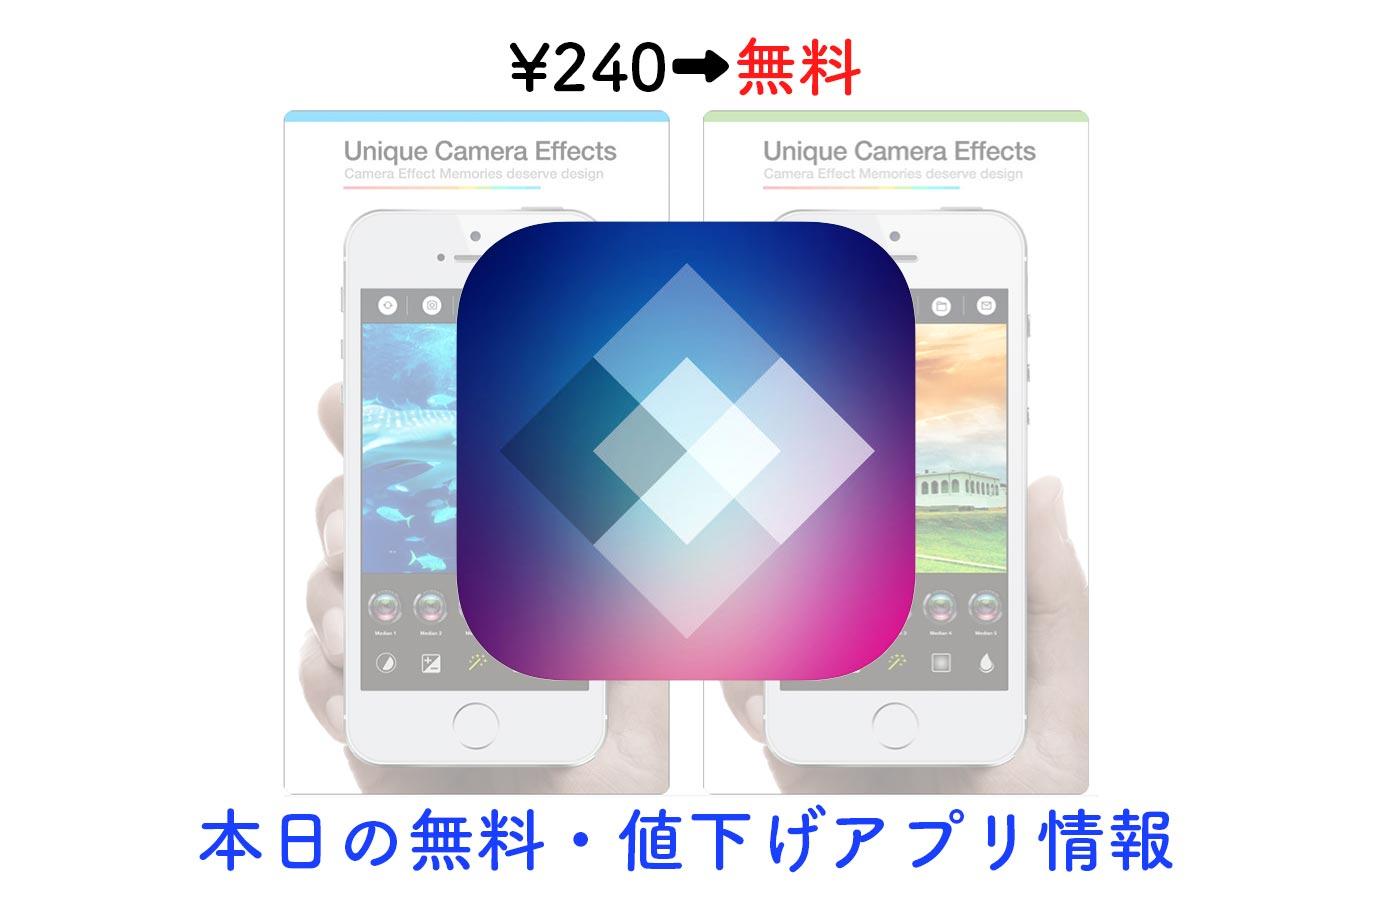 ¥240→無料、多くのフィルタやテーマなどを搭載した写真編集アプリ「Perfect Studio」など【4/5】セールアプリ情報